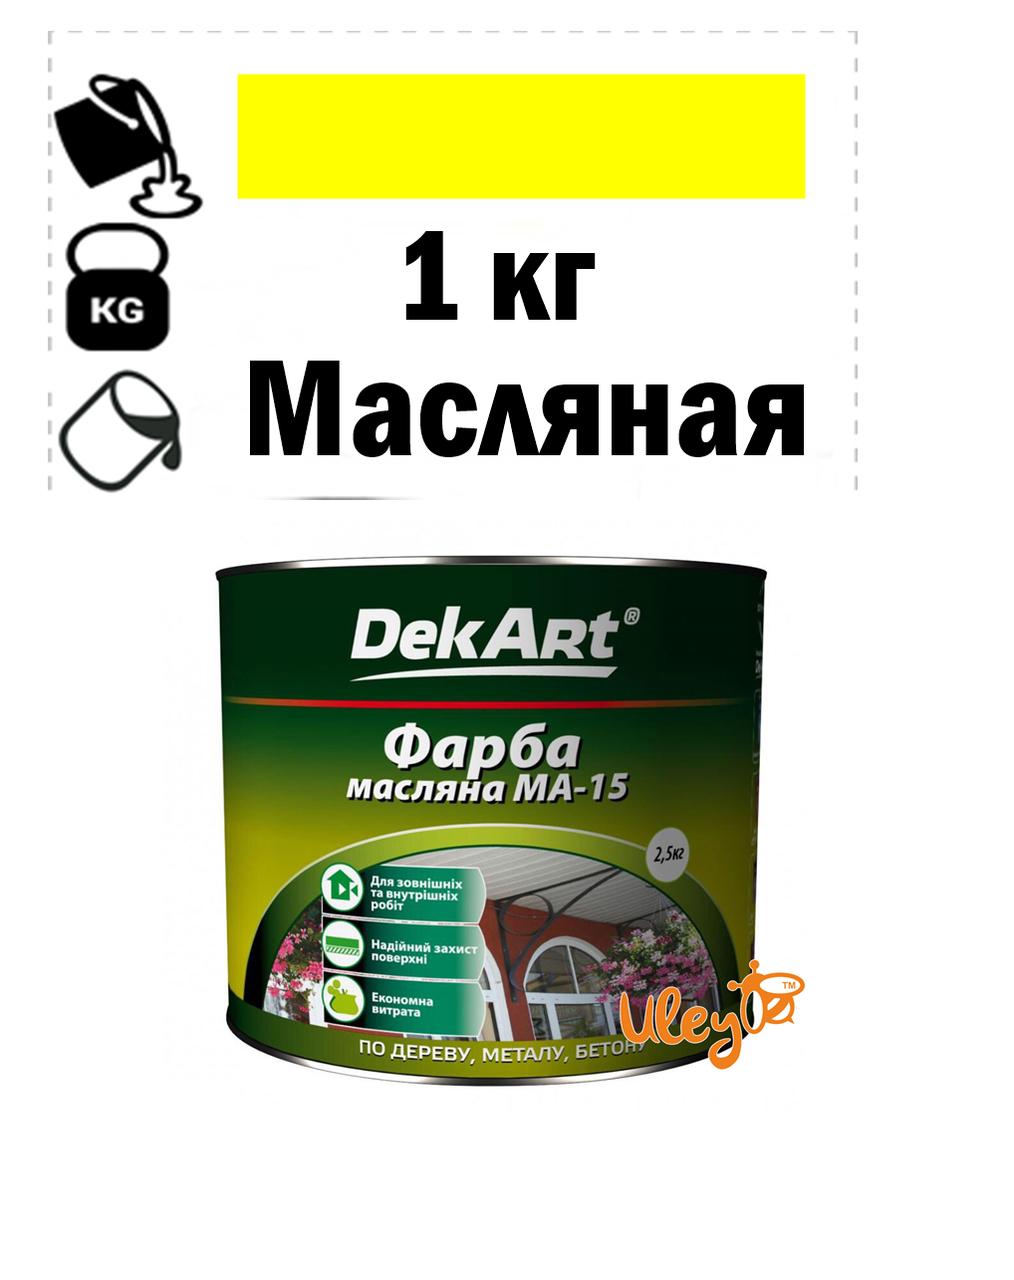 Краска для ульев, масляная MA-15 TM DekArt. Желтая - 1 кг